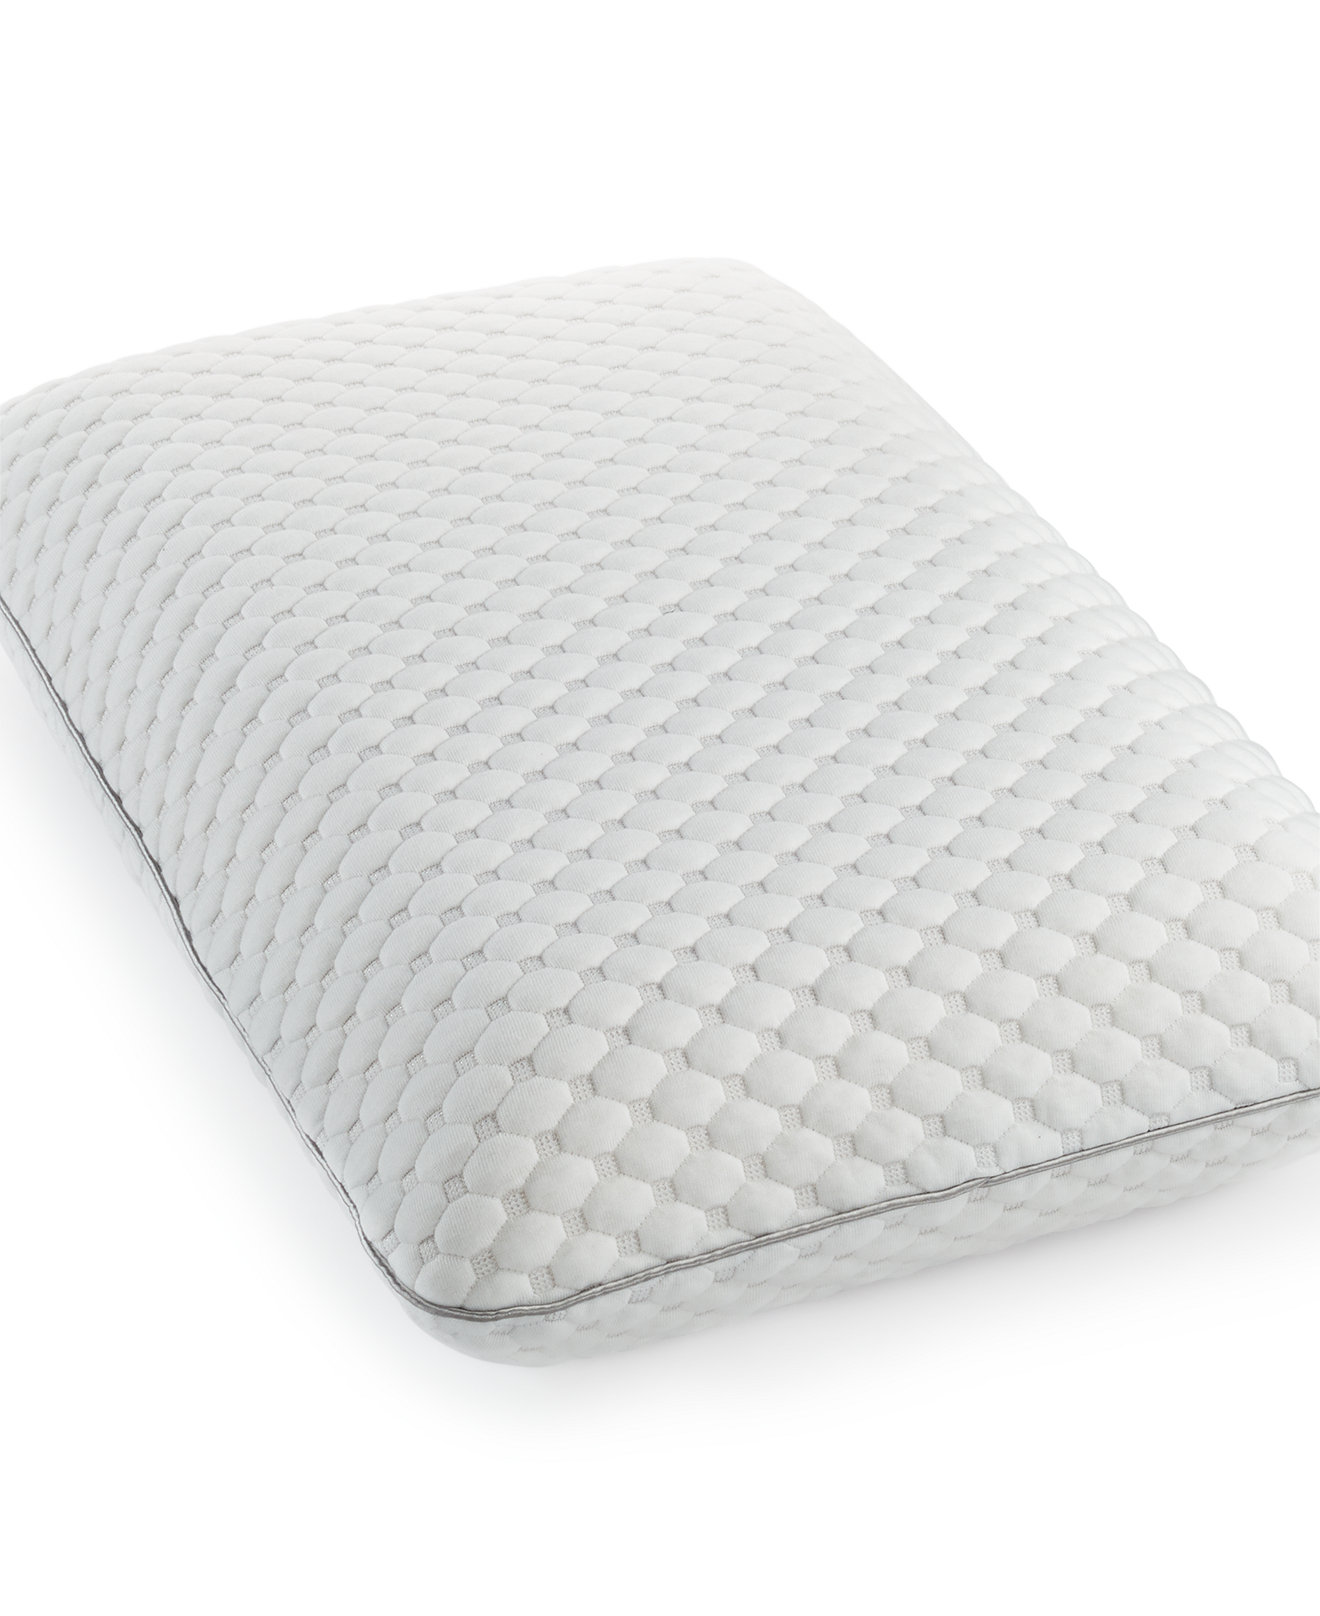 100 home design 5 zone memory foam reviews spring air triumph 14 how to compare memory - Home design mattress pads ...